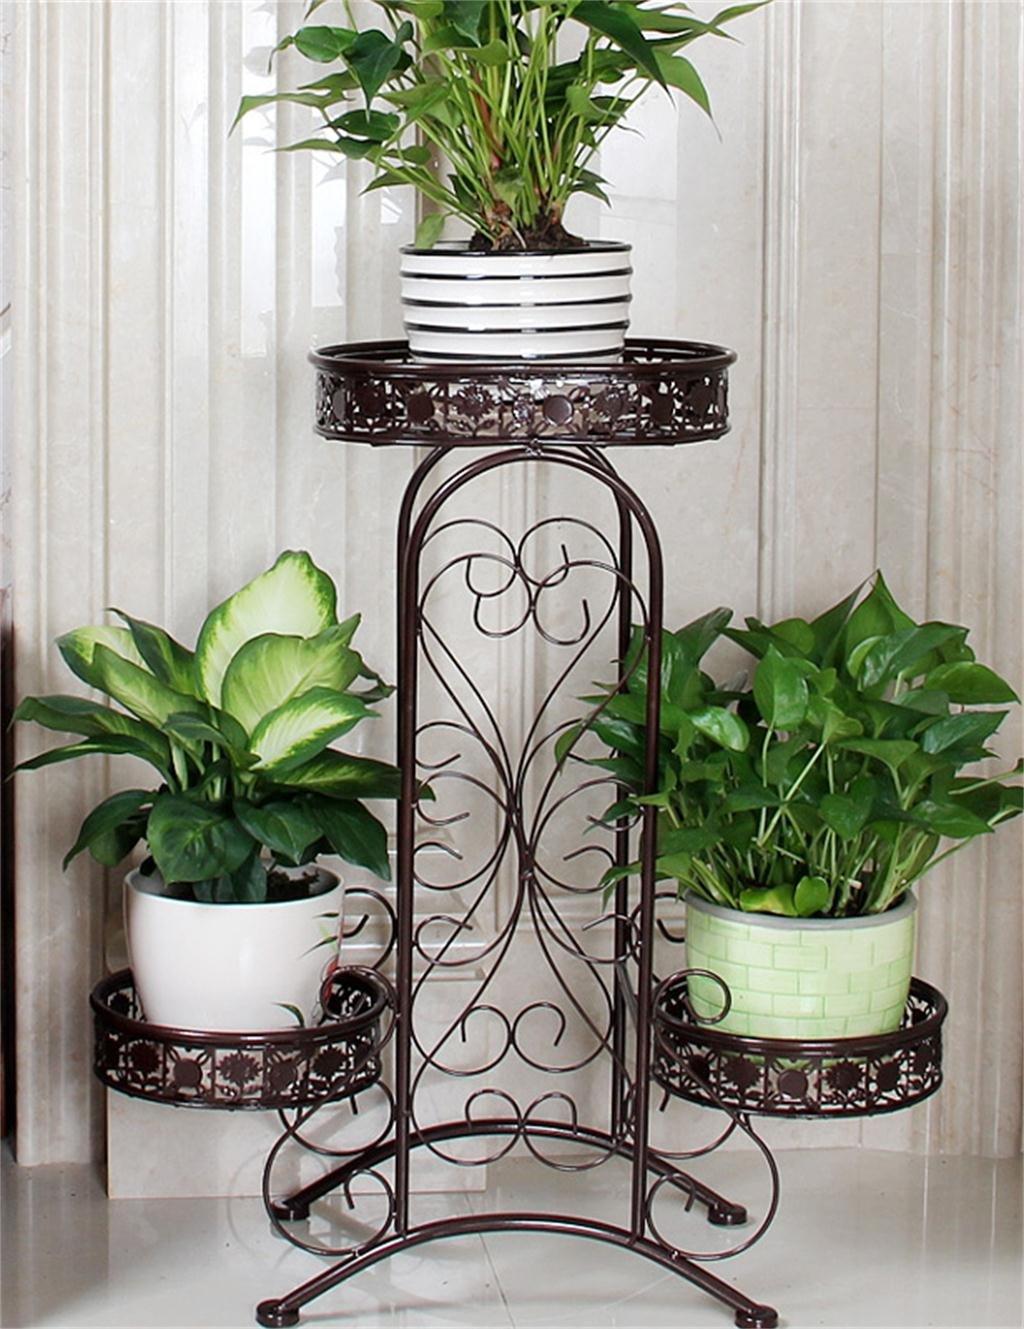 European-style schmiedeeisernen Boden Flower Pot Regal für Balkon, Interior, Wohnzimmer ( farbe : Bronze )